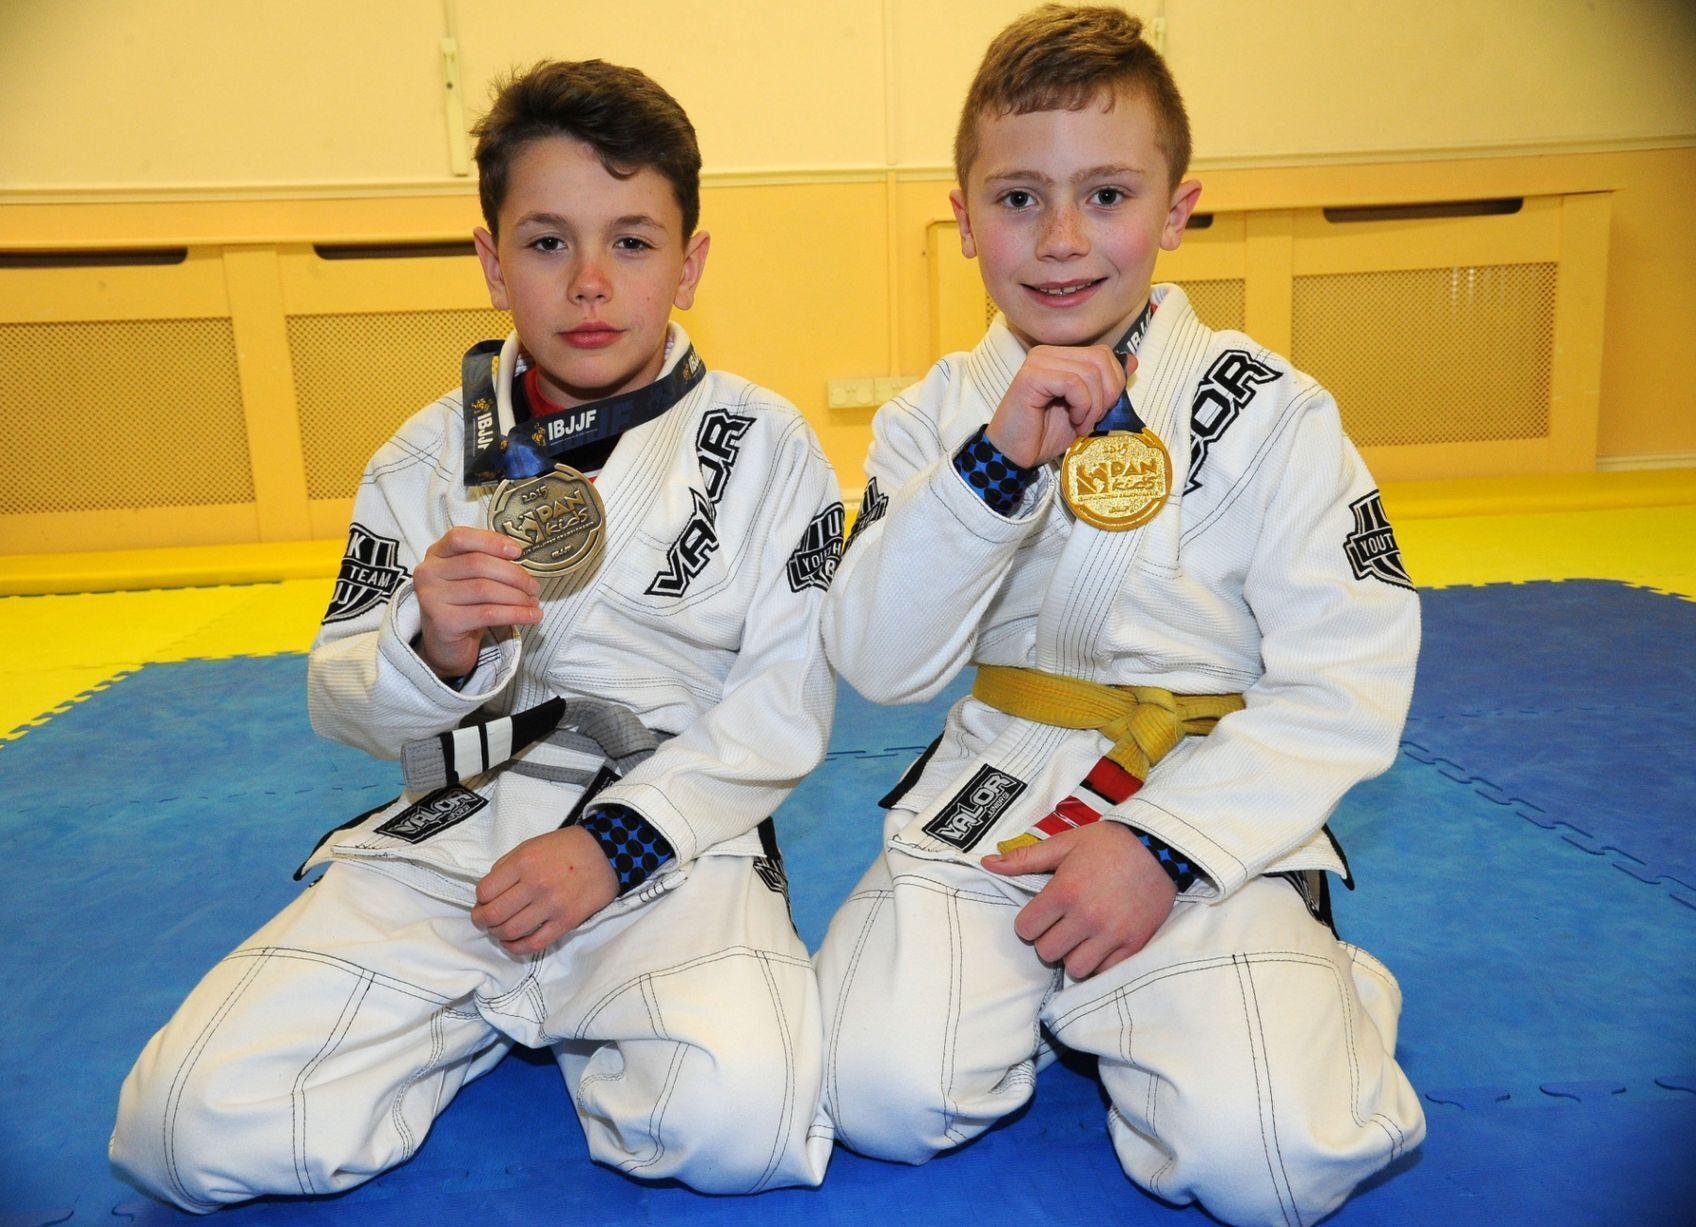 Алекс Вільямс (праворуч) на юнацькому турнірі.